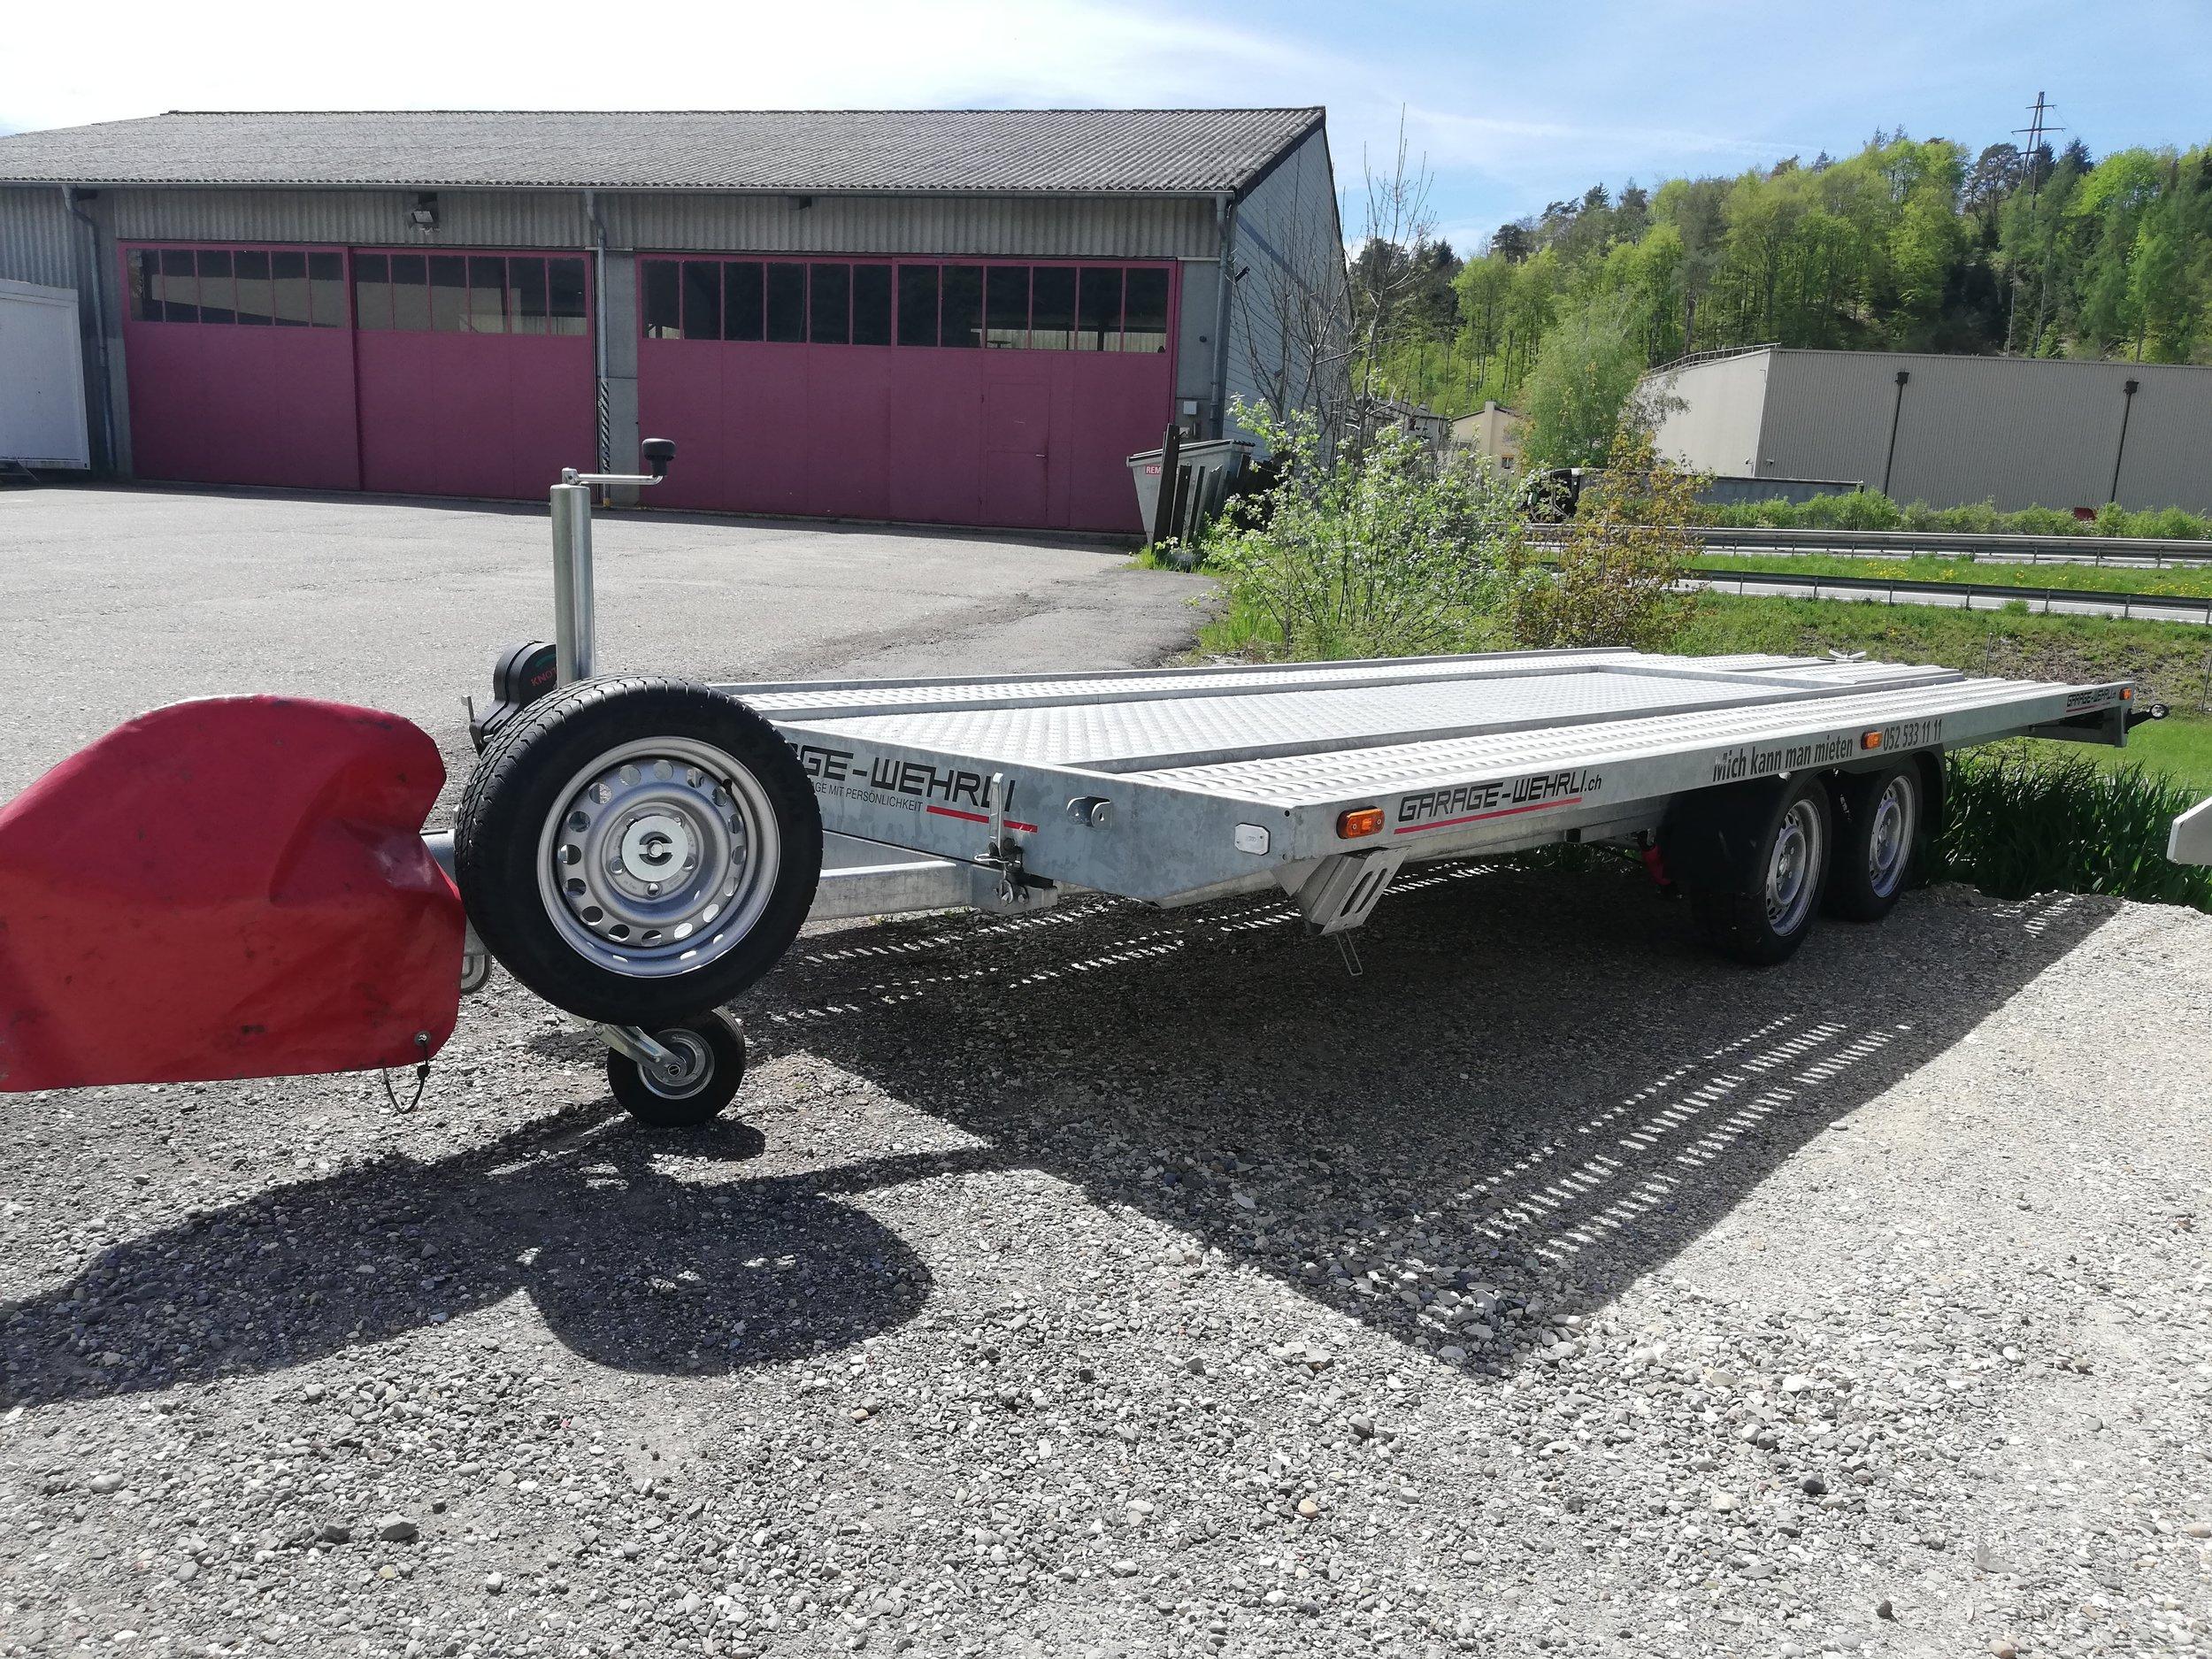 Anhänger Autotransport 3.5t   -  ideal für Autotransport und Transport von grossen Gütern  -  mit Seilwinde  -  Leergewicht: ca. 700 kg, Zuladung: ca. 2800 kg  Fr. 90.- pro Tag